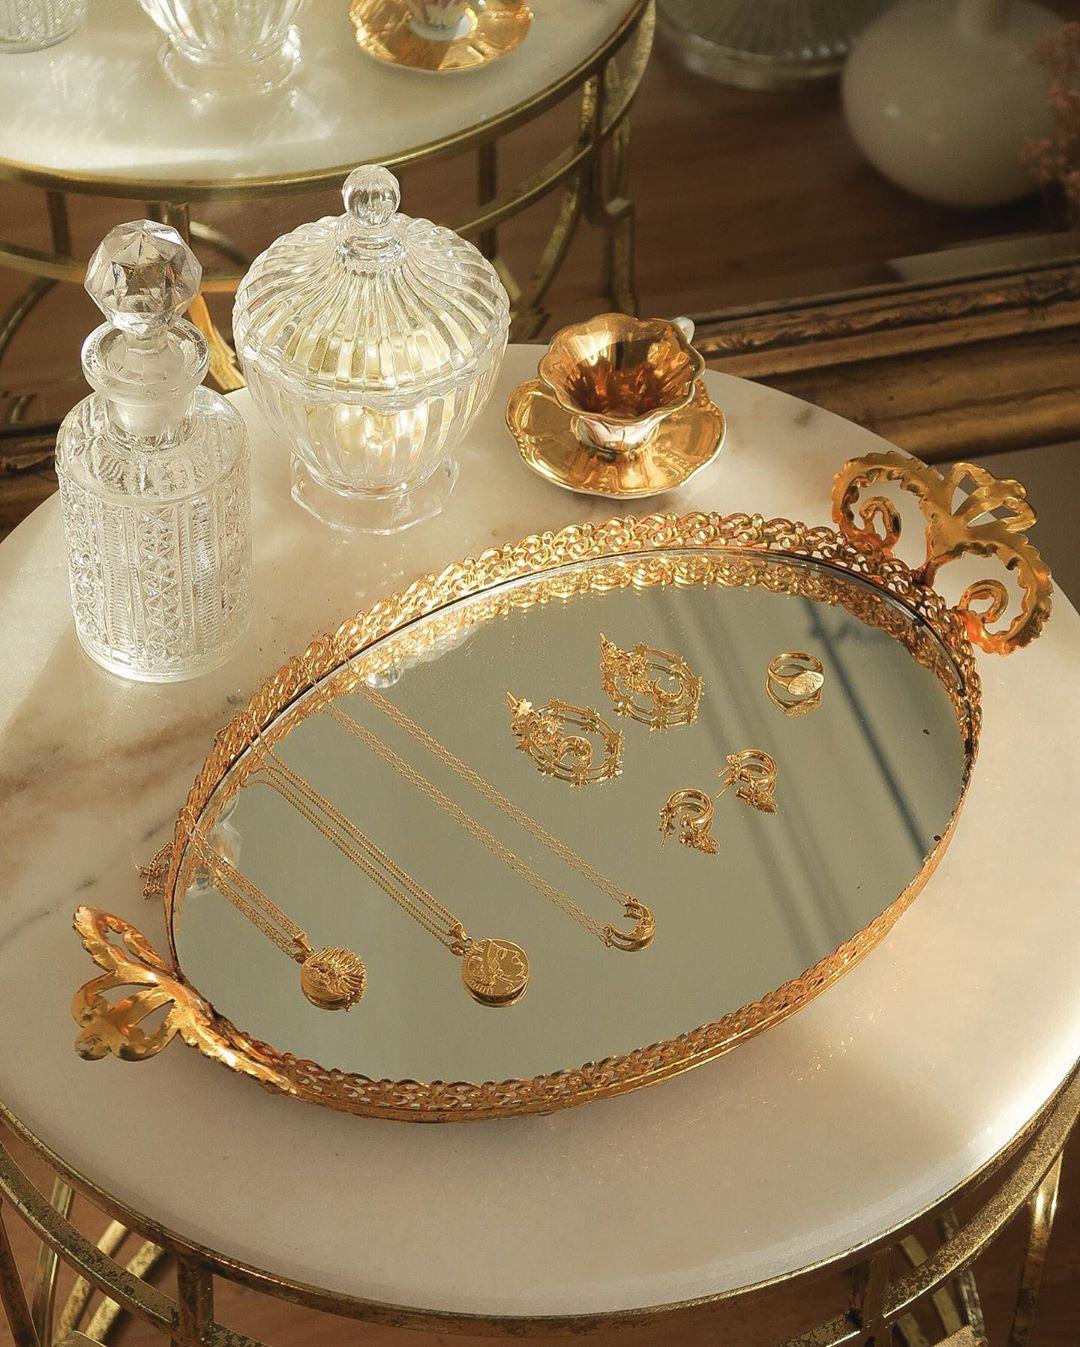 Phụ kiện thời trang cung xử nữ - trang sức cổ điển bằng vàng